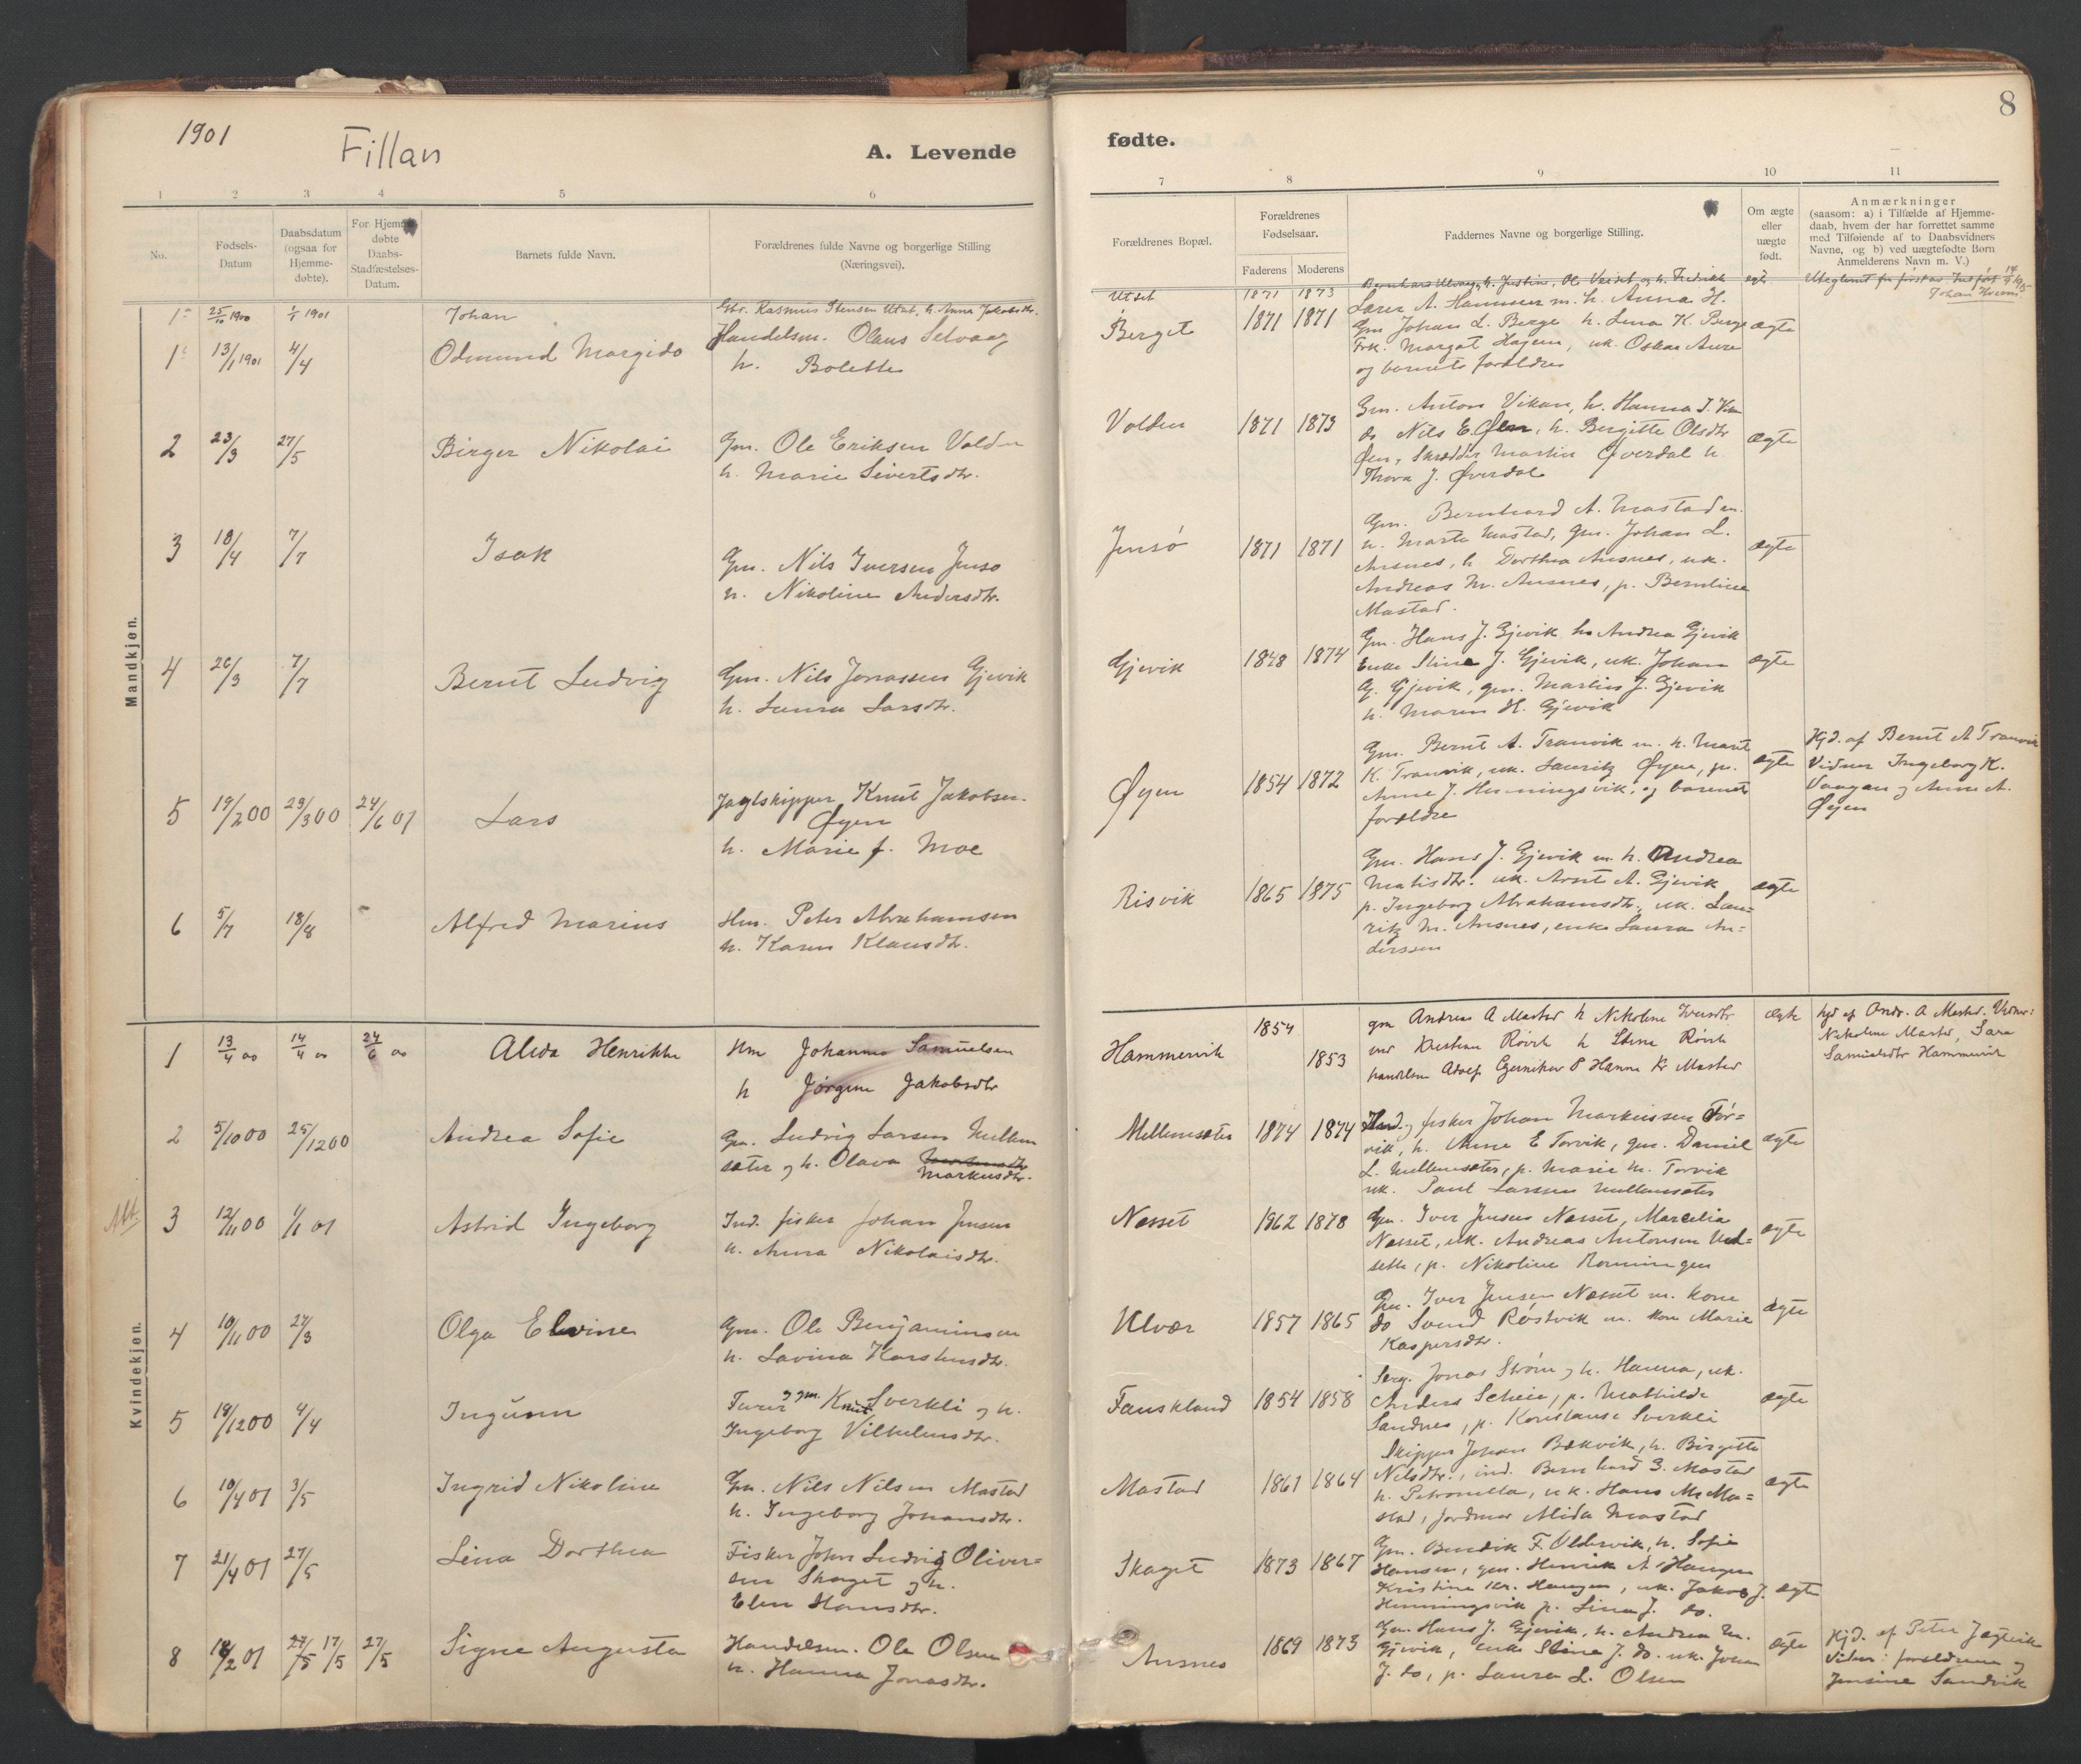 SAT, Ministerialprotokoller, klokkerbøker og fødselsregistre - Sør-Trøndelag, 637/L0559: Ministerialbok nr. 637A02, 1899-1923, s. 8